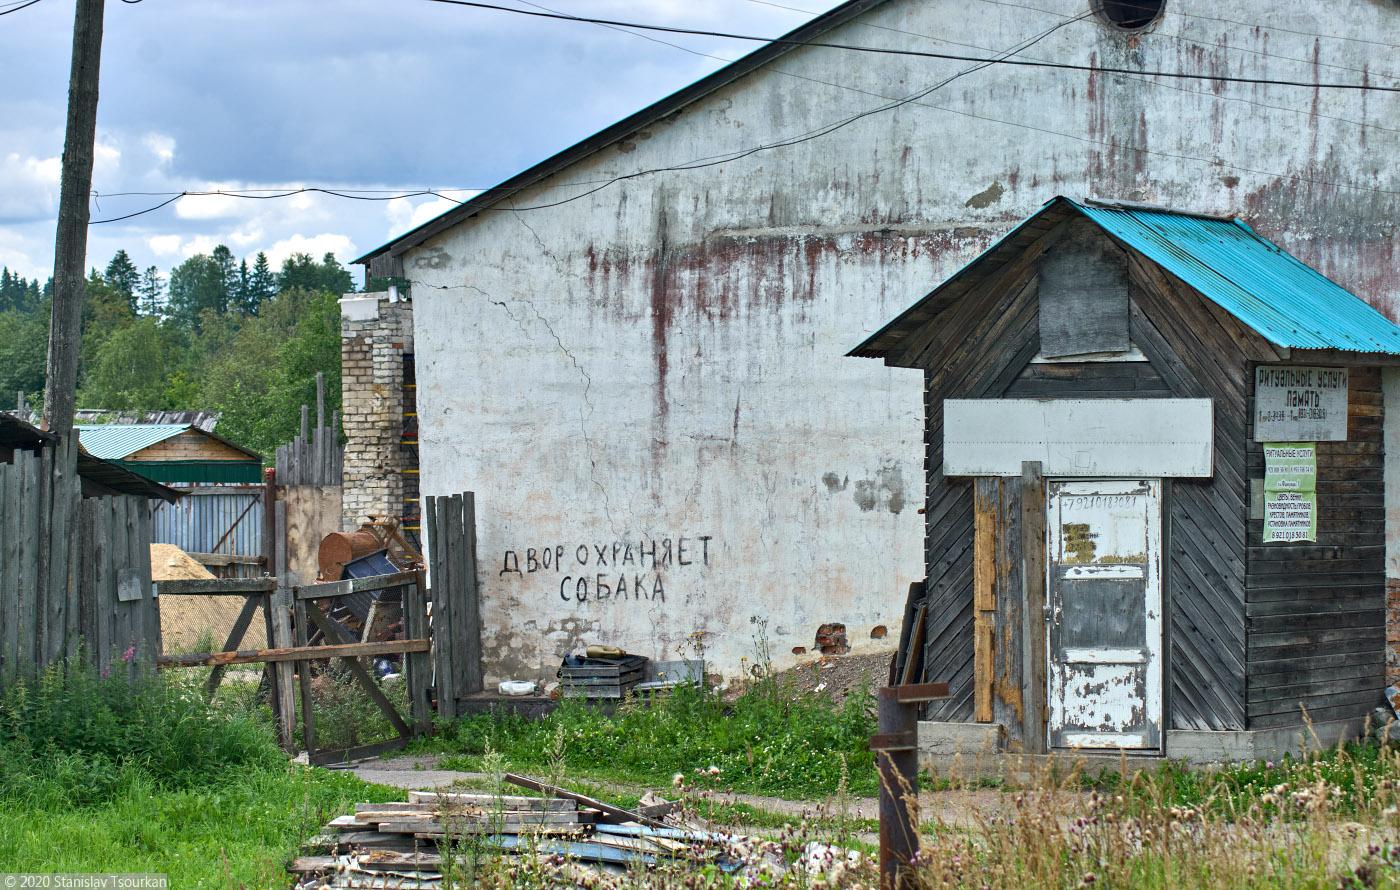 Лахденпохья, Карелия, республика Карелия, двор охраняет собака